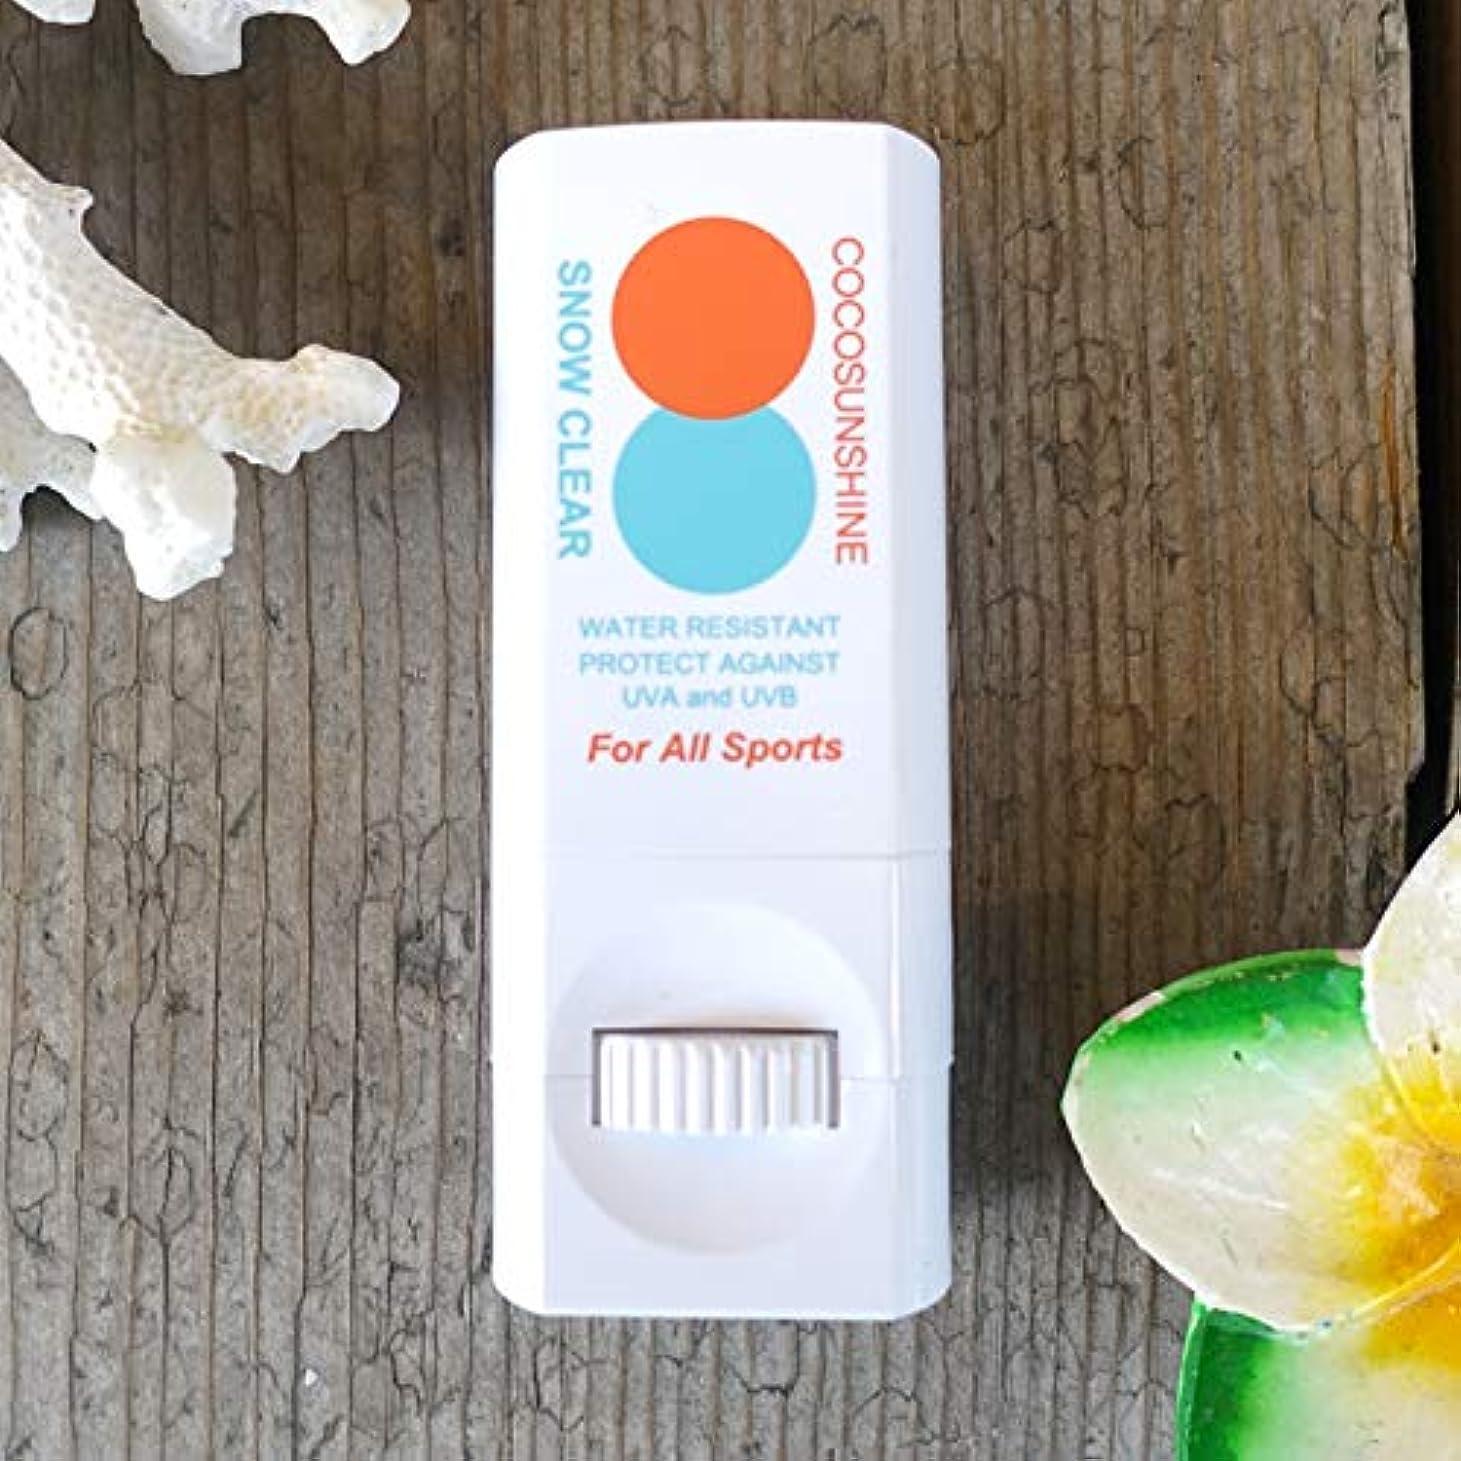 増強するクモカッターSnipe Sports Cosmetic(スナイプ スポーツ コスメティック) COCO SUNSHINE ココサンシャイン 固形 日焼け止め スティック 練り出しタイプ UVプロテクト SPF30 PA++ スノークリア